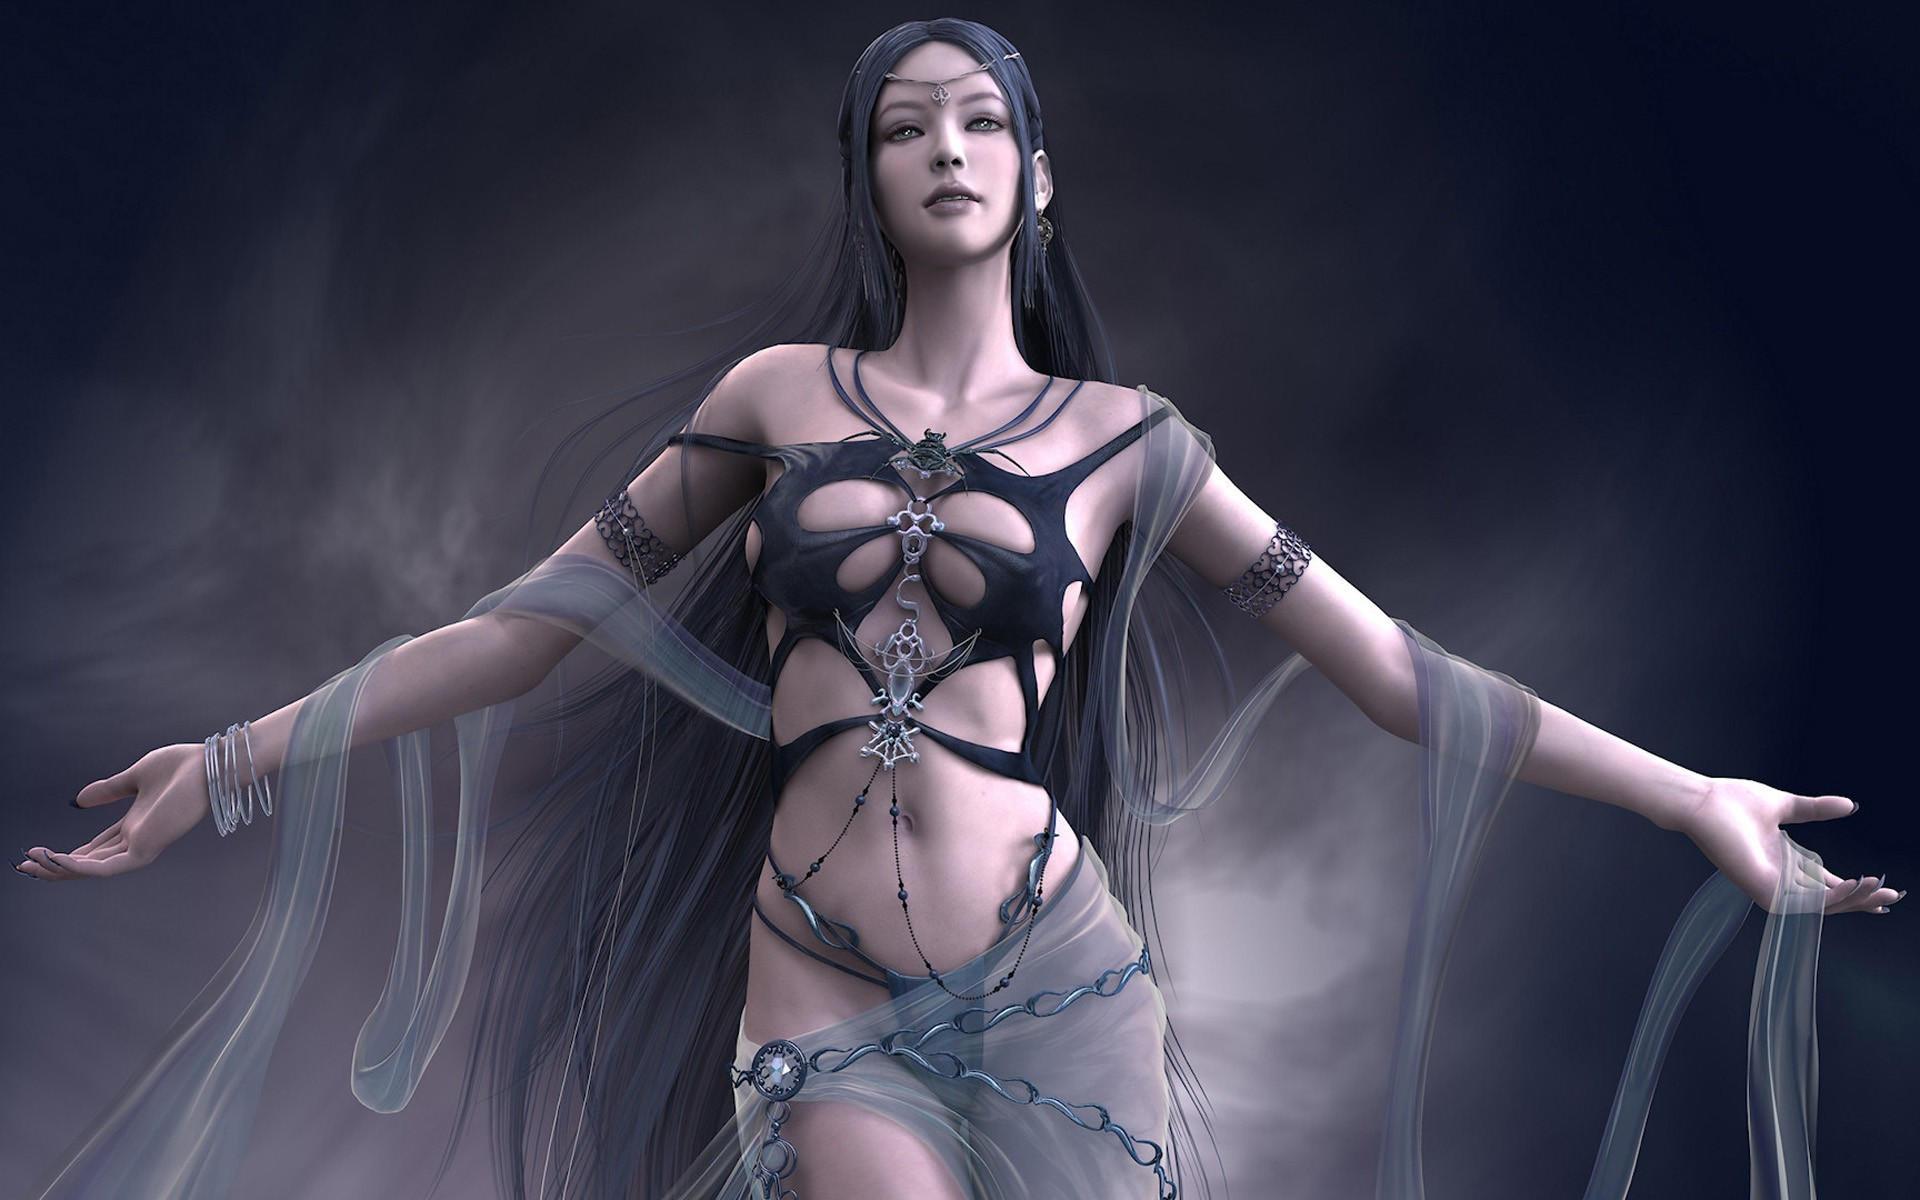 Девушка из фэнтези